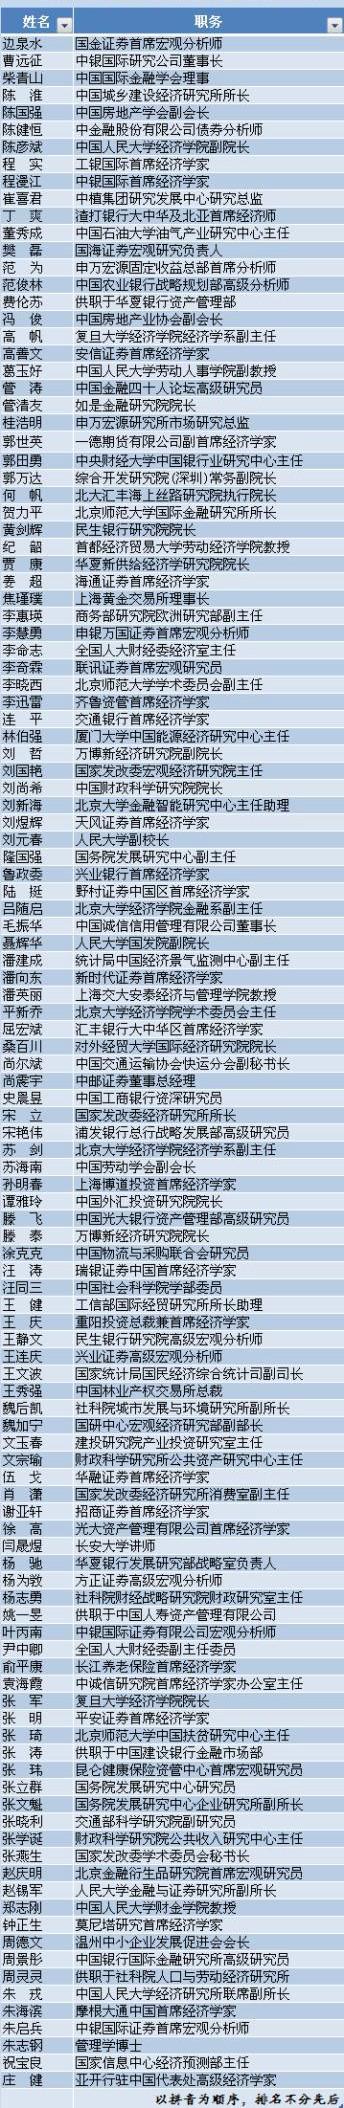 經濟觀察報經濟學人問卷調查名單